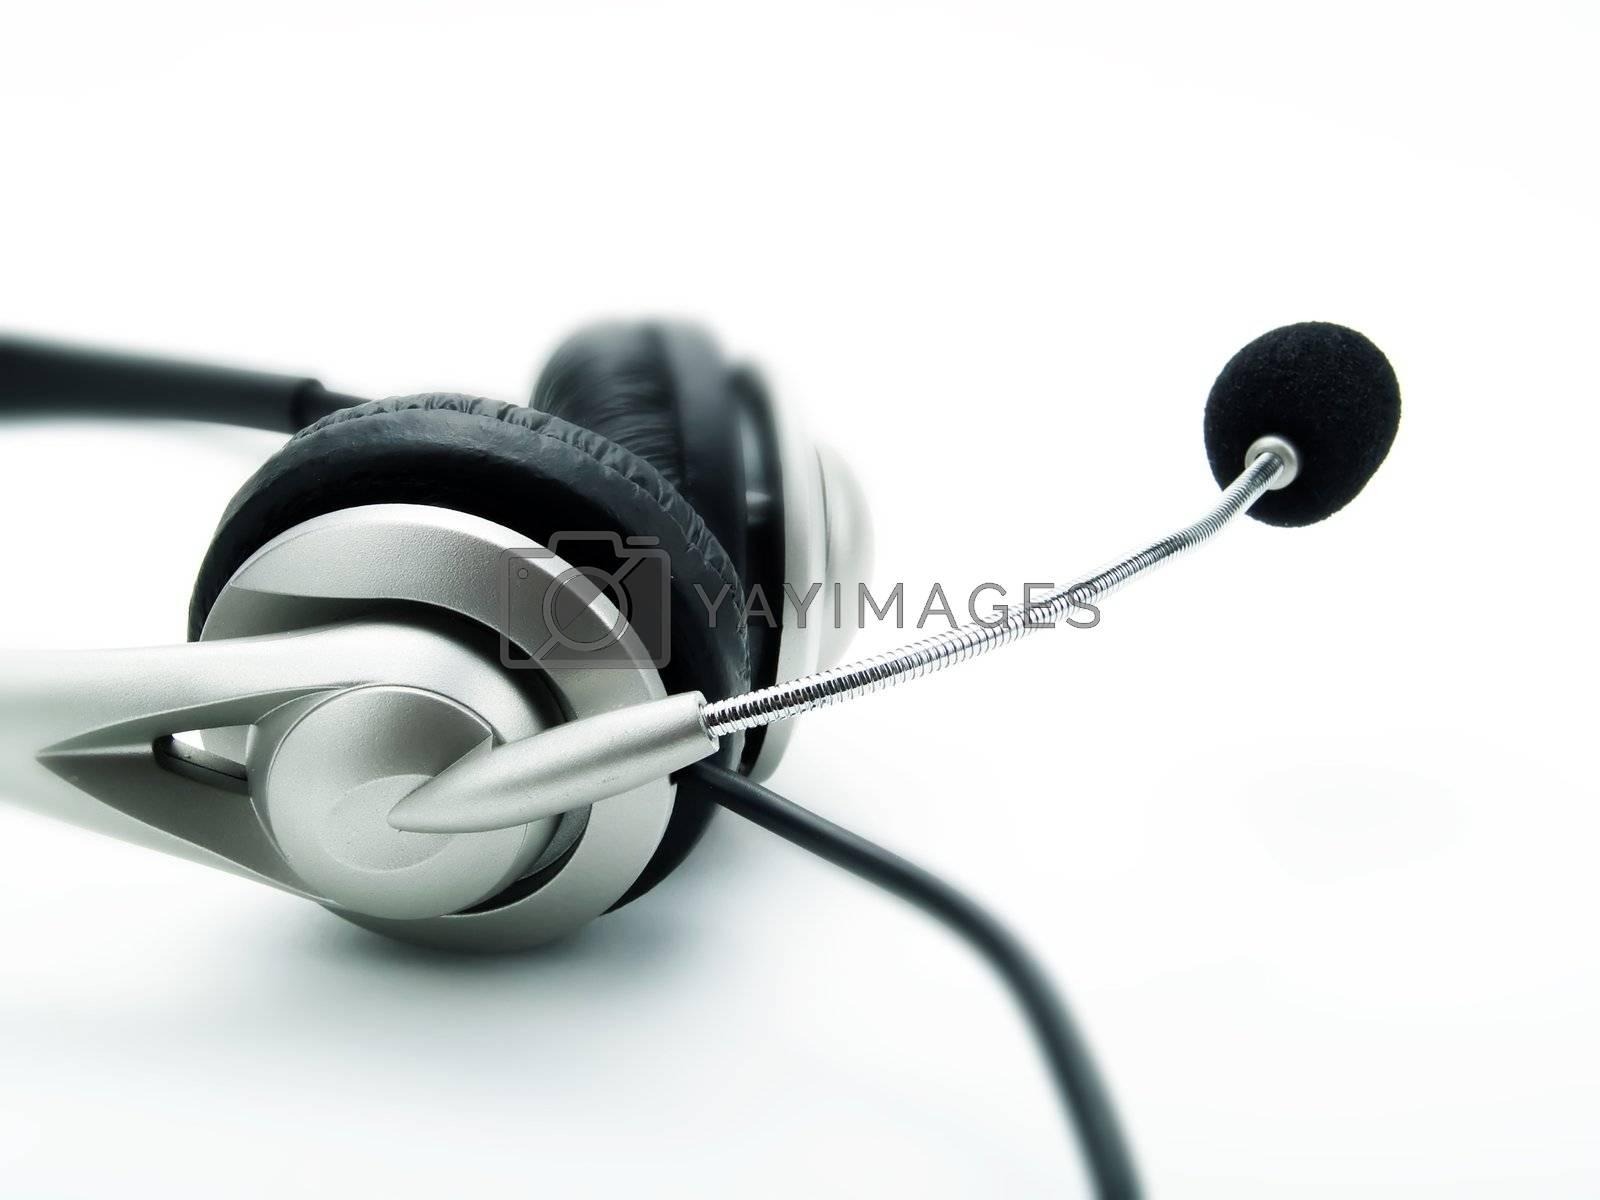 Headset by henrischmit